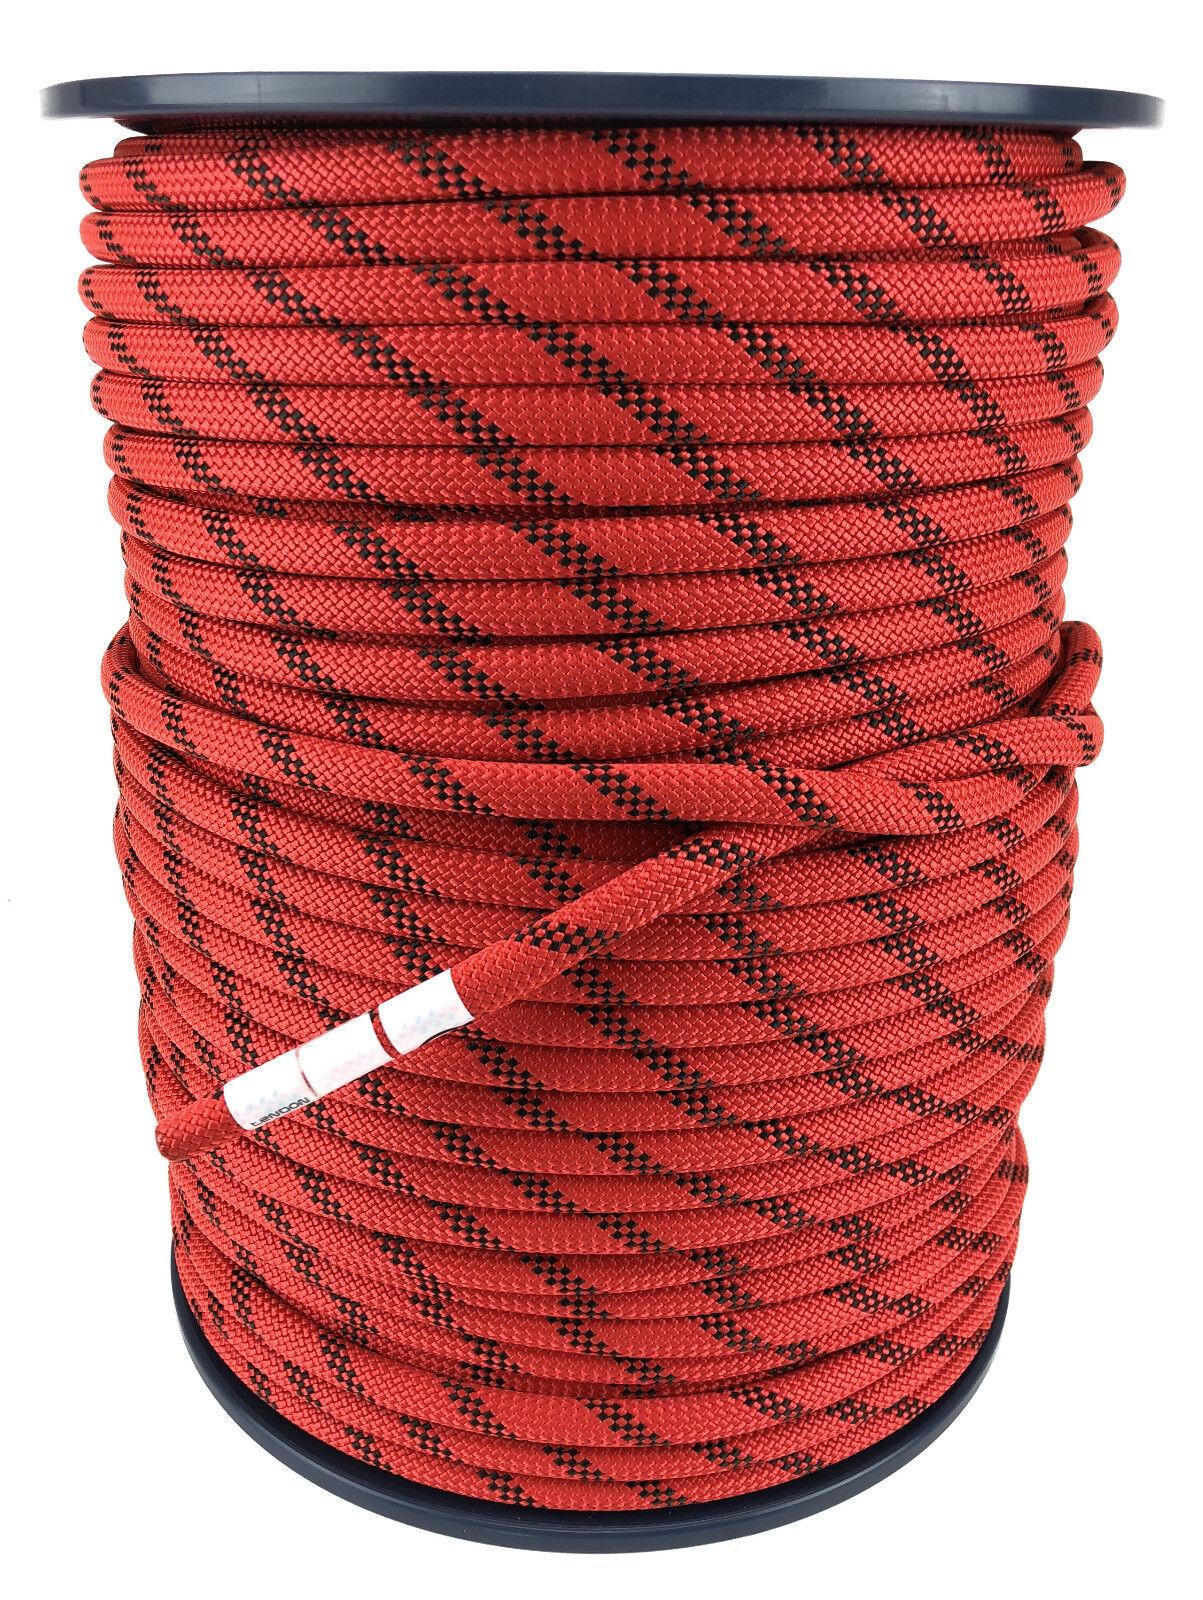 Tendon 10.5 mm rouge avec noir Moucheté Statique Corde X 100 Mètres Moulinet,